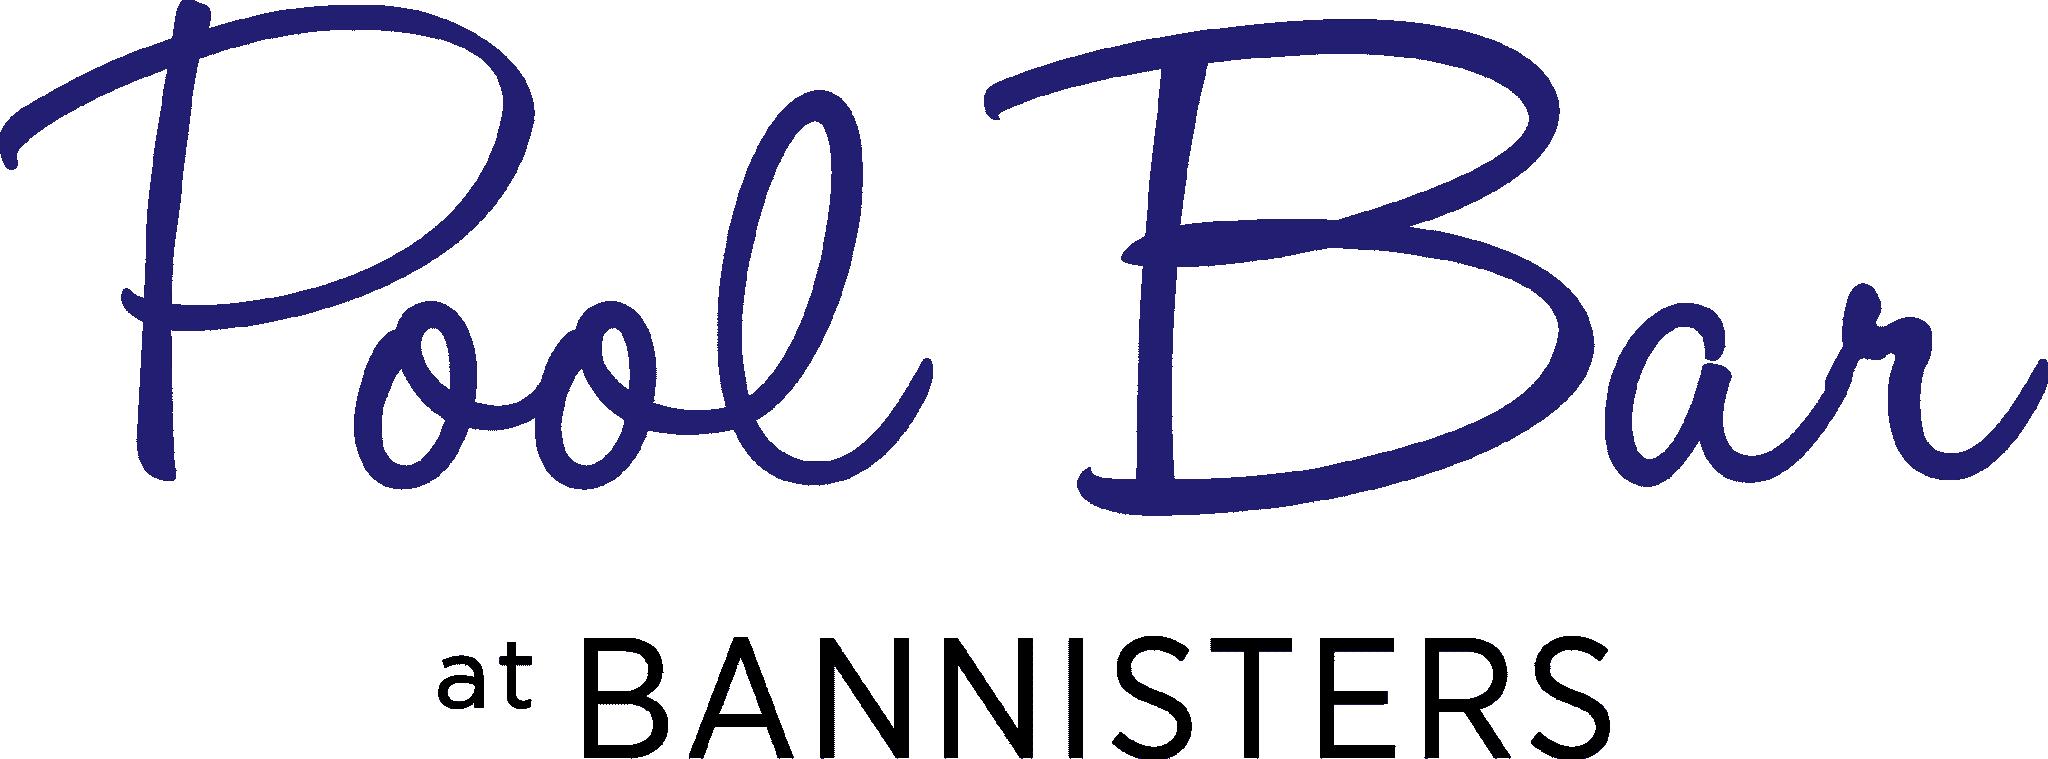 pool-bar-logo